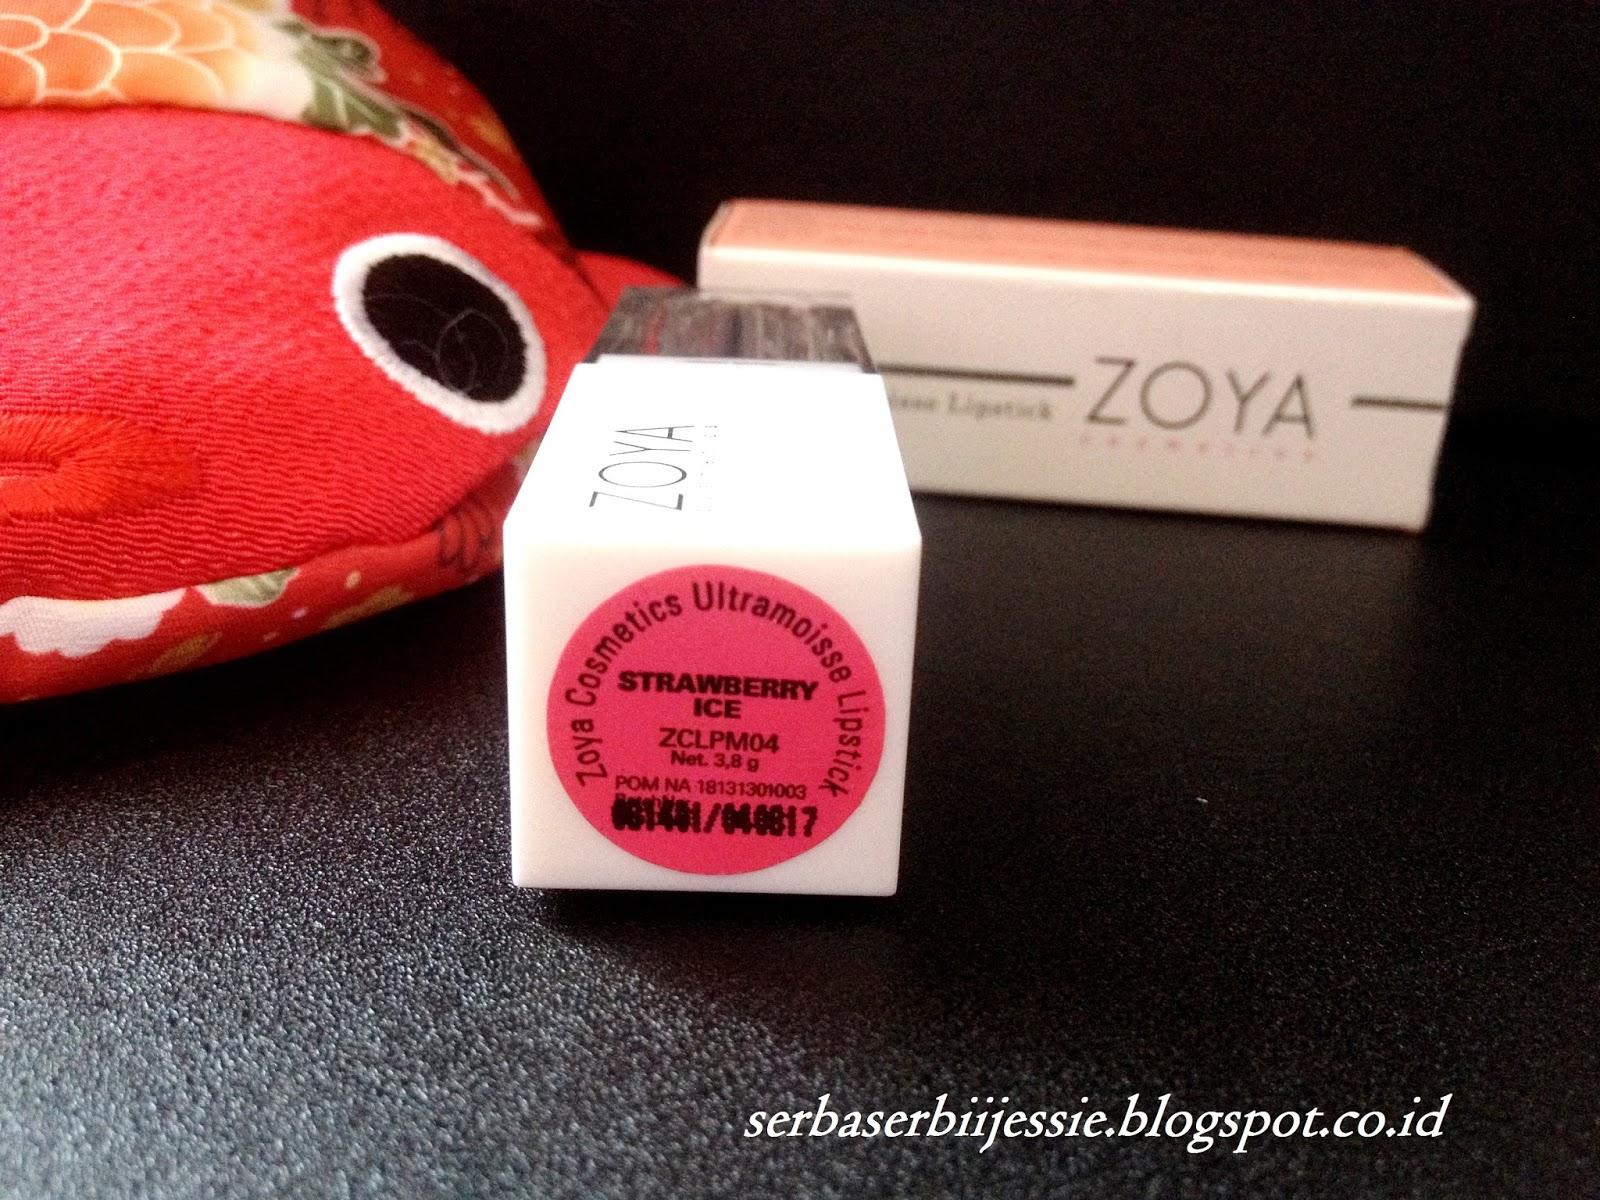 Zoya Cosmetics Ultramoisse Lip Strawbeery Ice 044 Daftar Harga Lipstick 18 Pinnacota 321363 Shade Strawberry